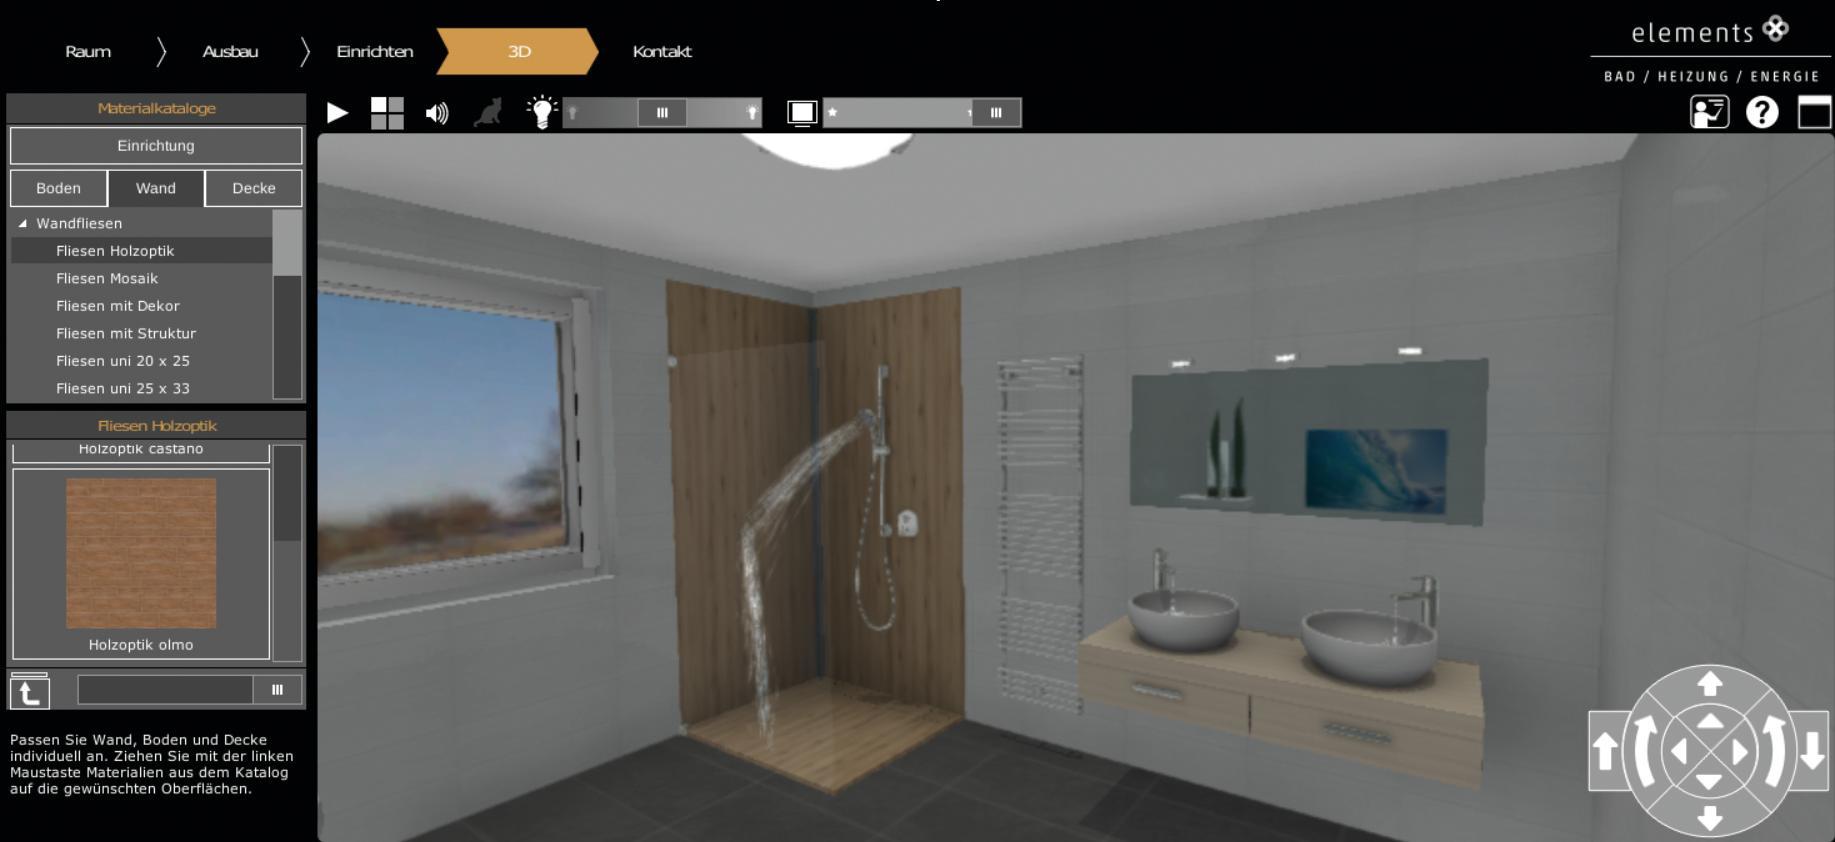 das eigene traumbad gestalten in 3d ganz einfach mit dem neuen virtuellen presseportal. Black Bedroom Furniture Sets. Home Design Ideas